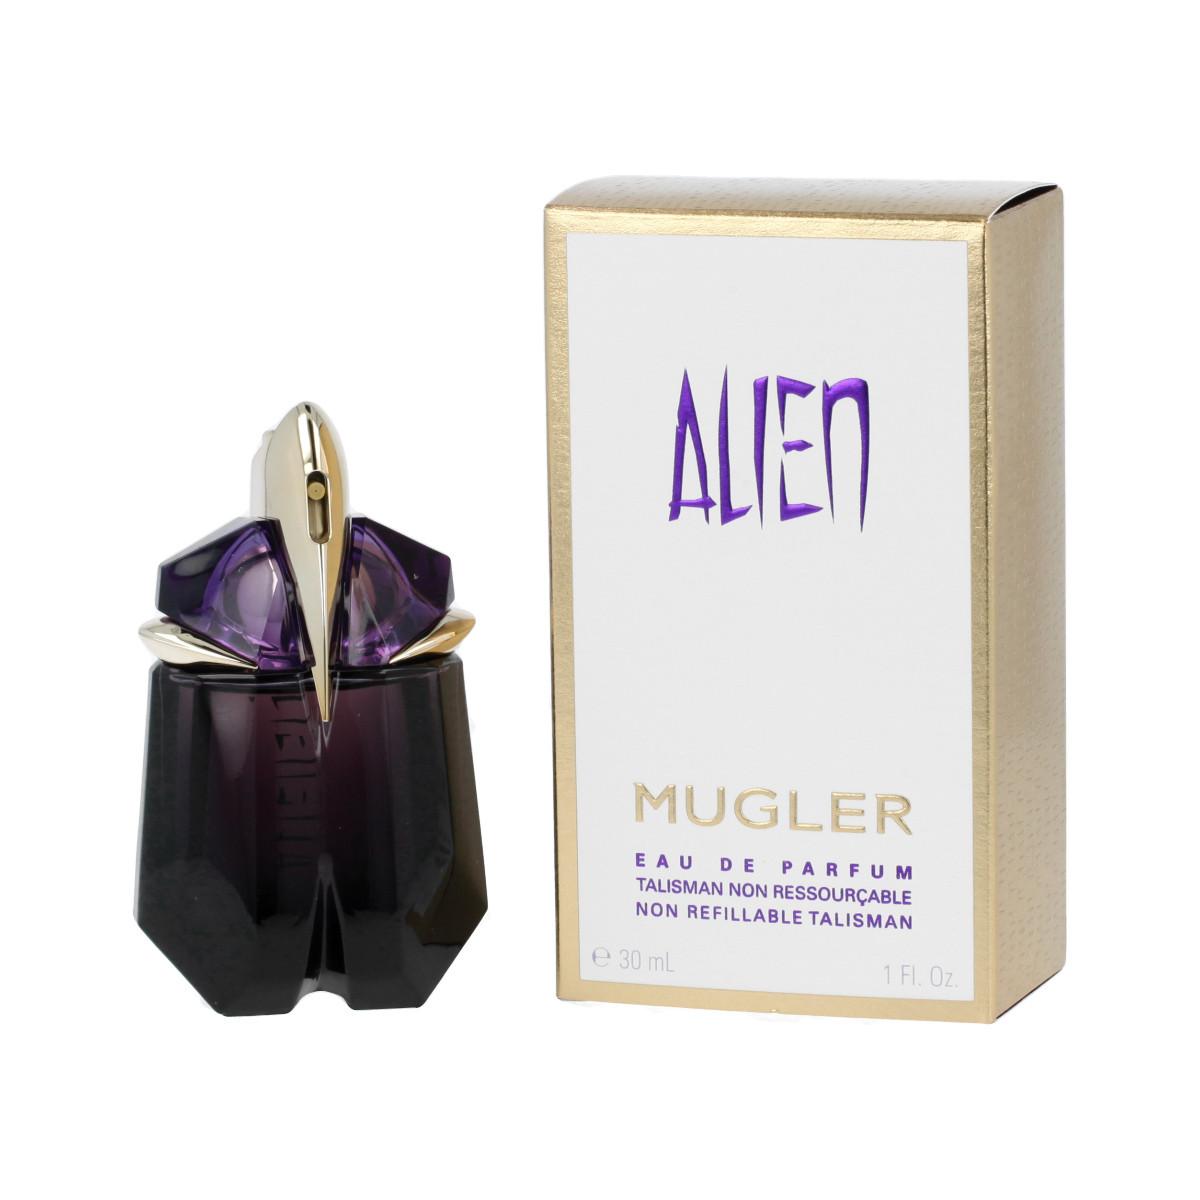 e126246269adde Thierry Mugler Alien Eau De Parfum 30 ml (woman) - Alien - Thierry ...